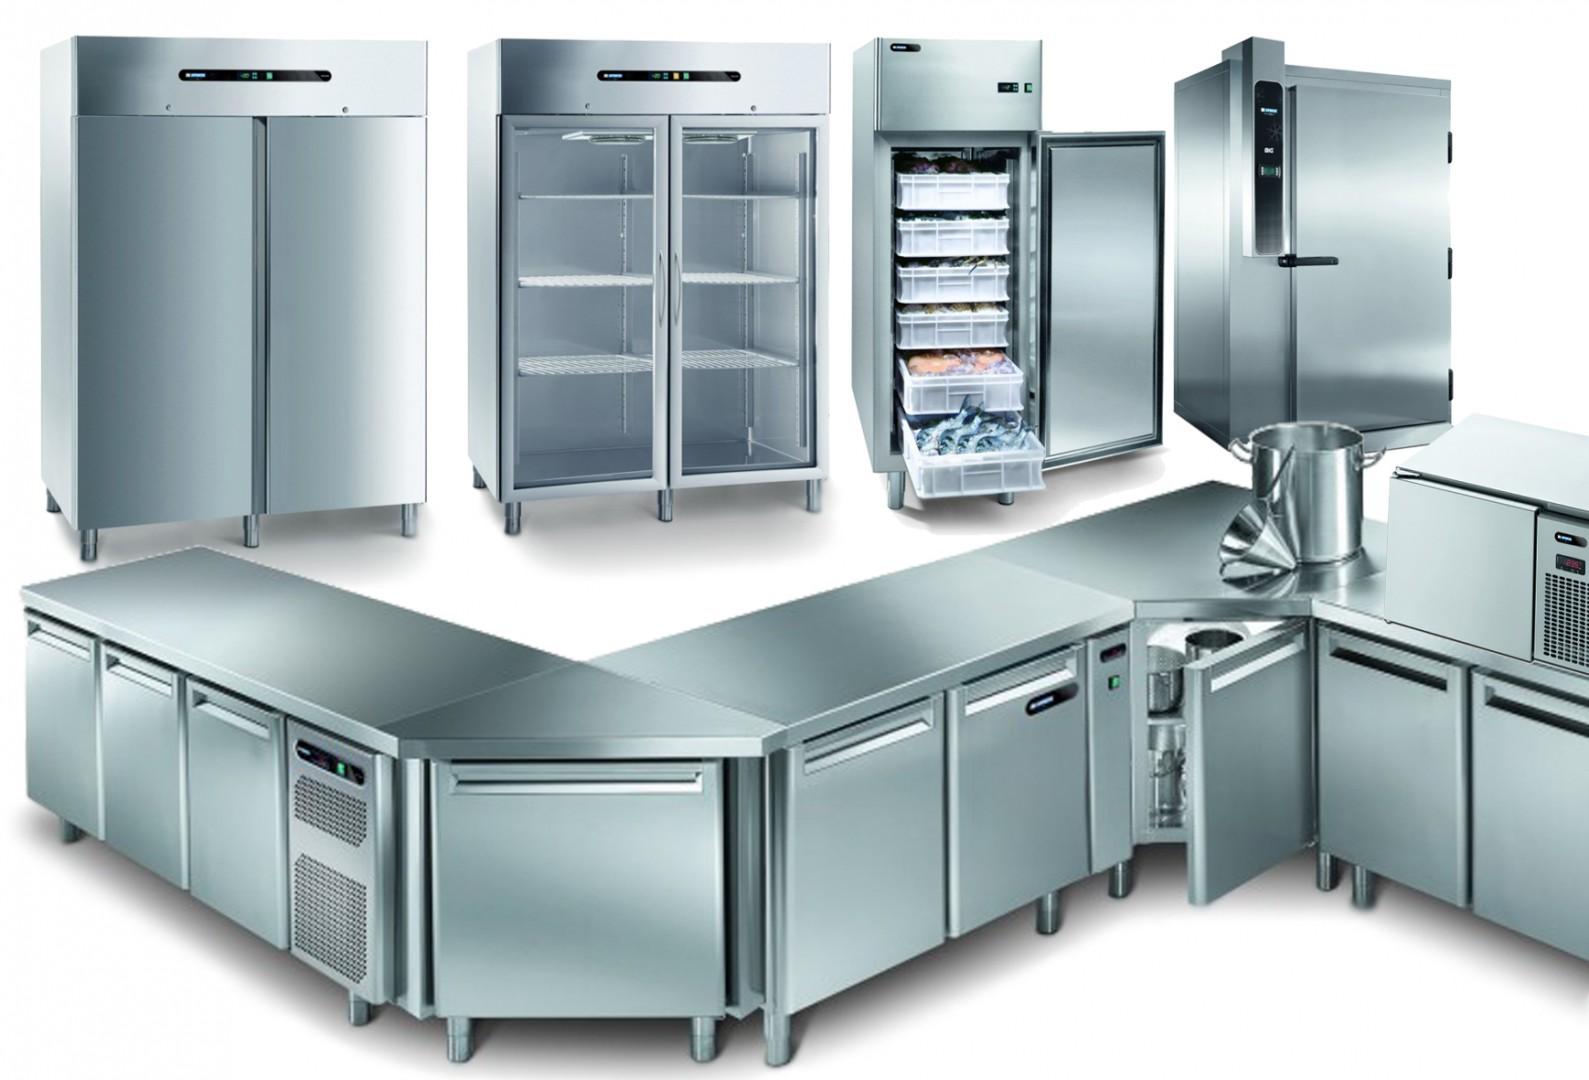 Abbattitori, Armadi e Tavoli refrigerati in Acciaio Inox